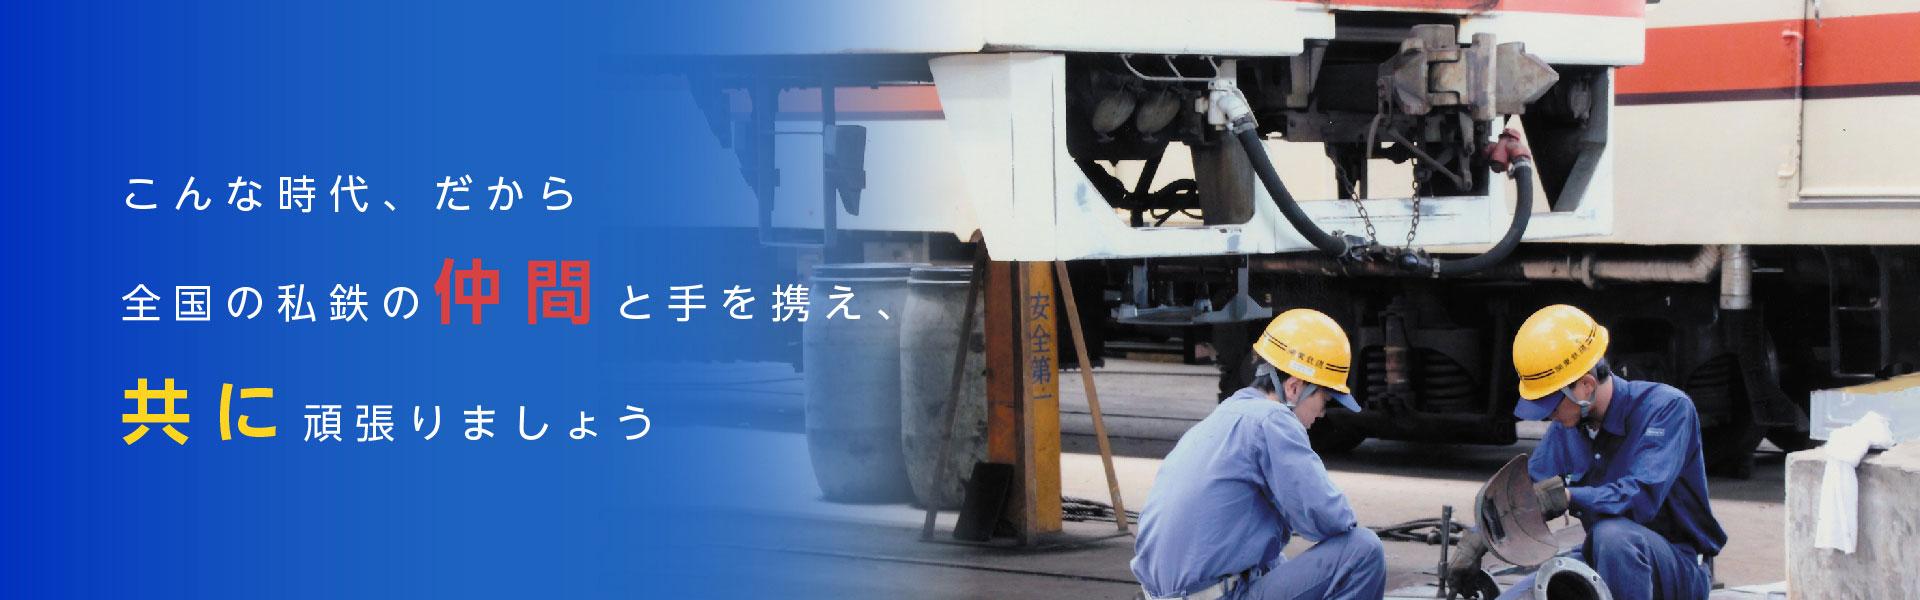 私鉄総連メインビジュアル3